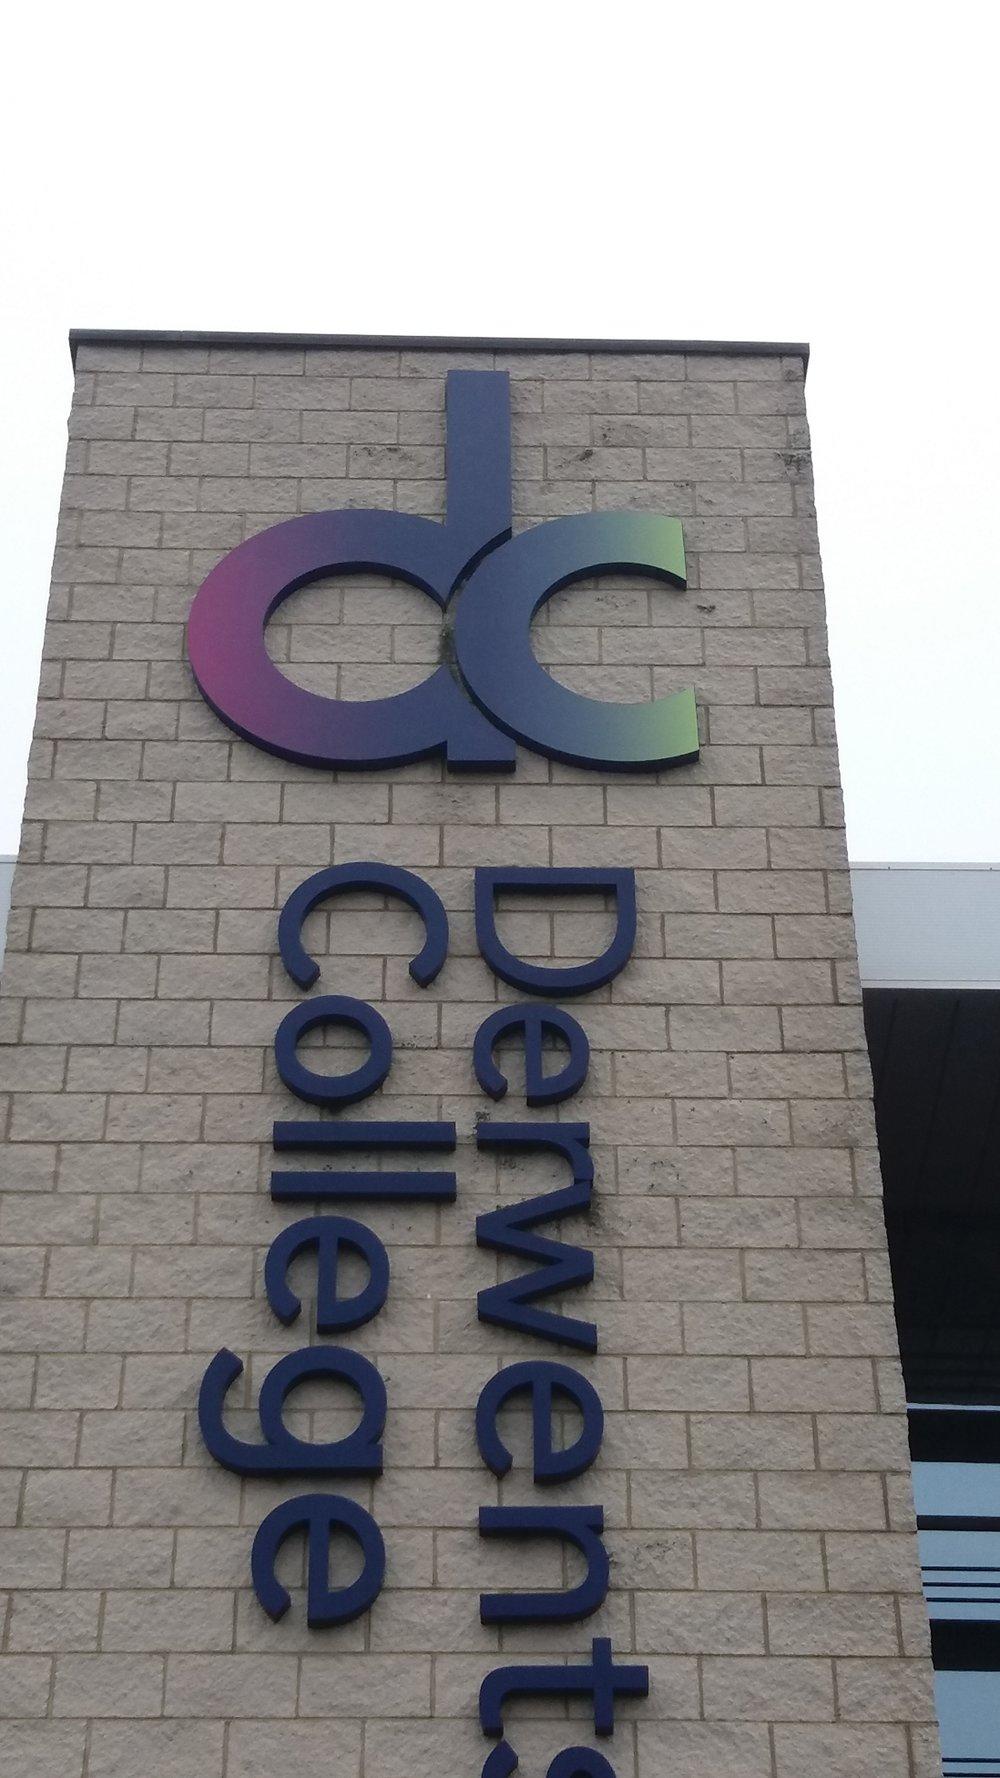 Derwentside College Built Up External Letters